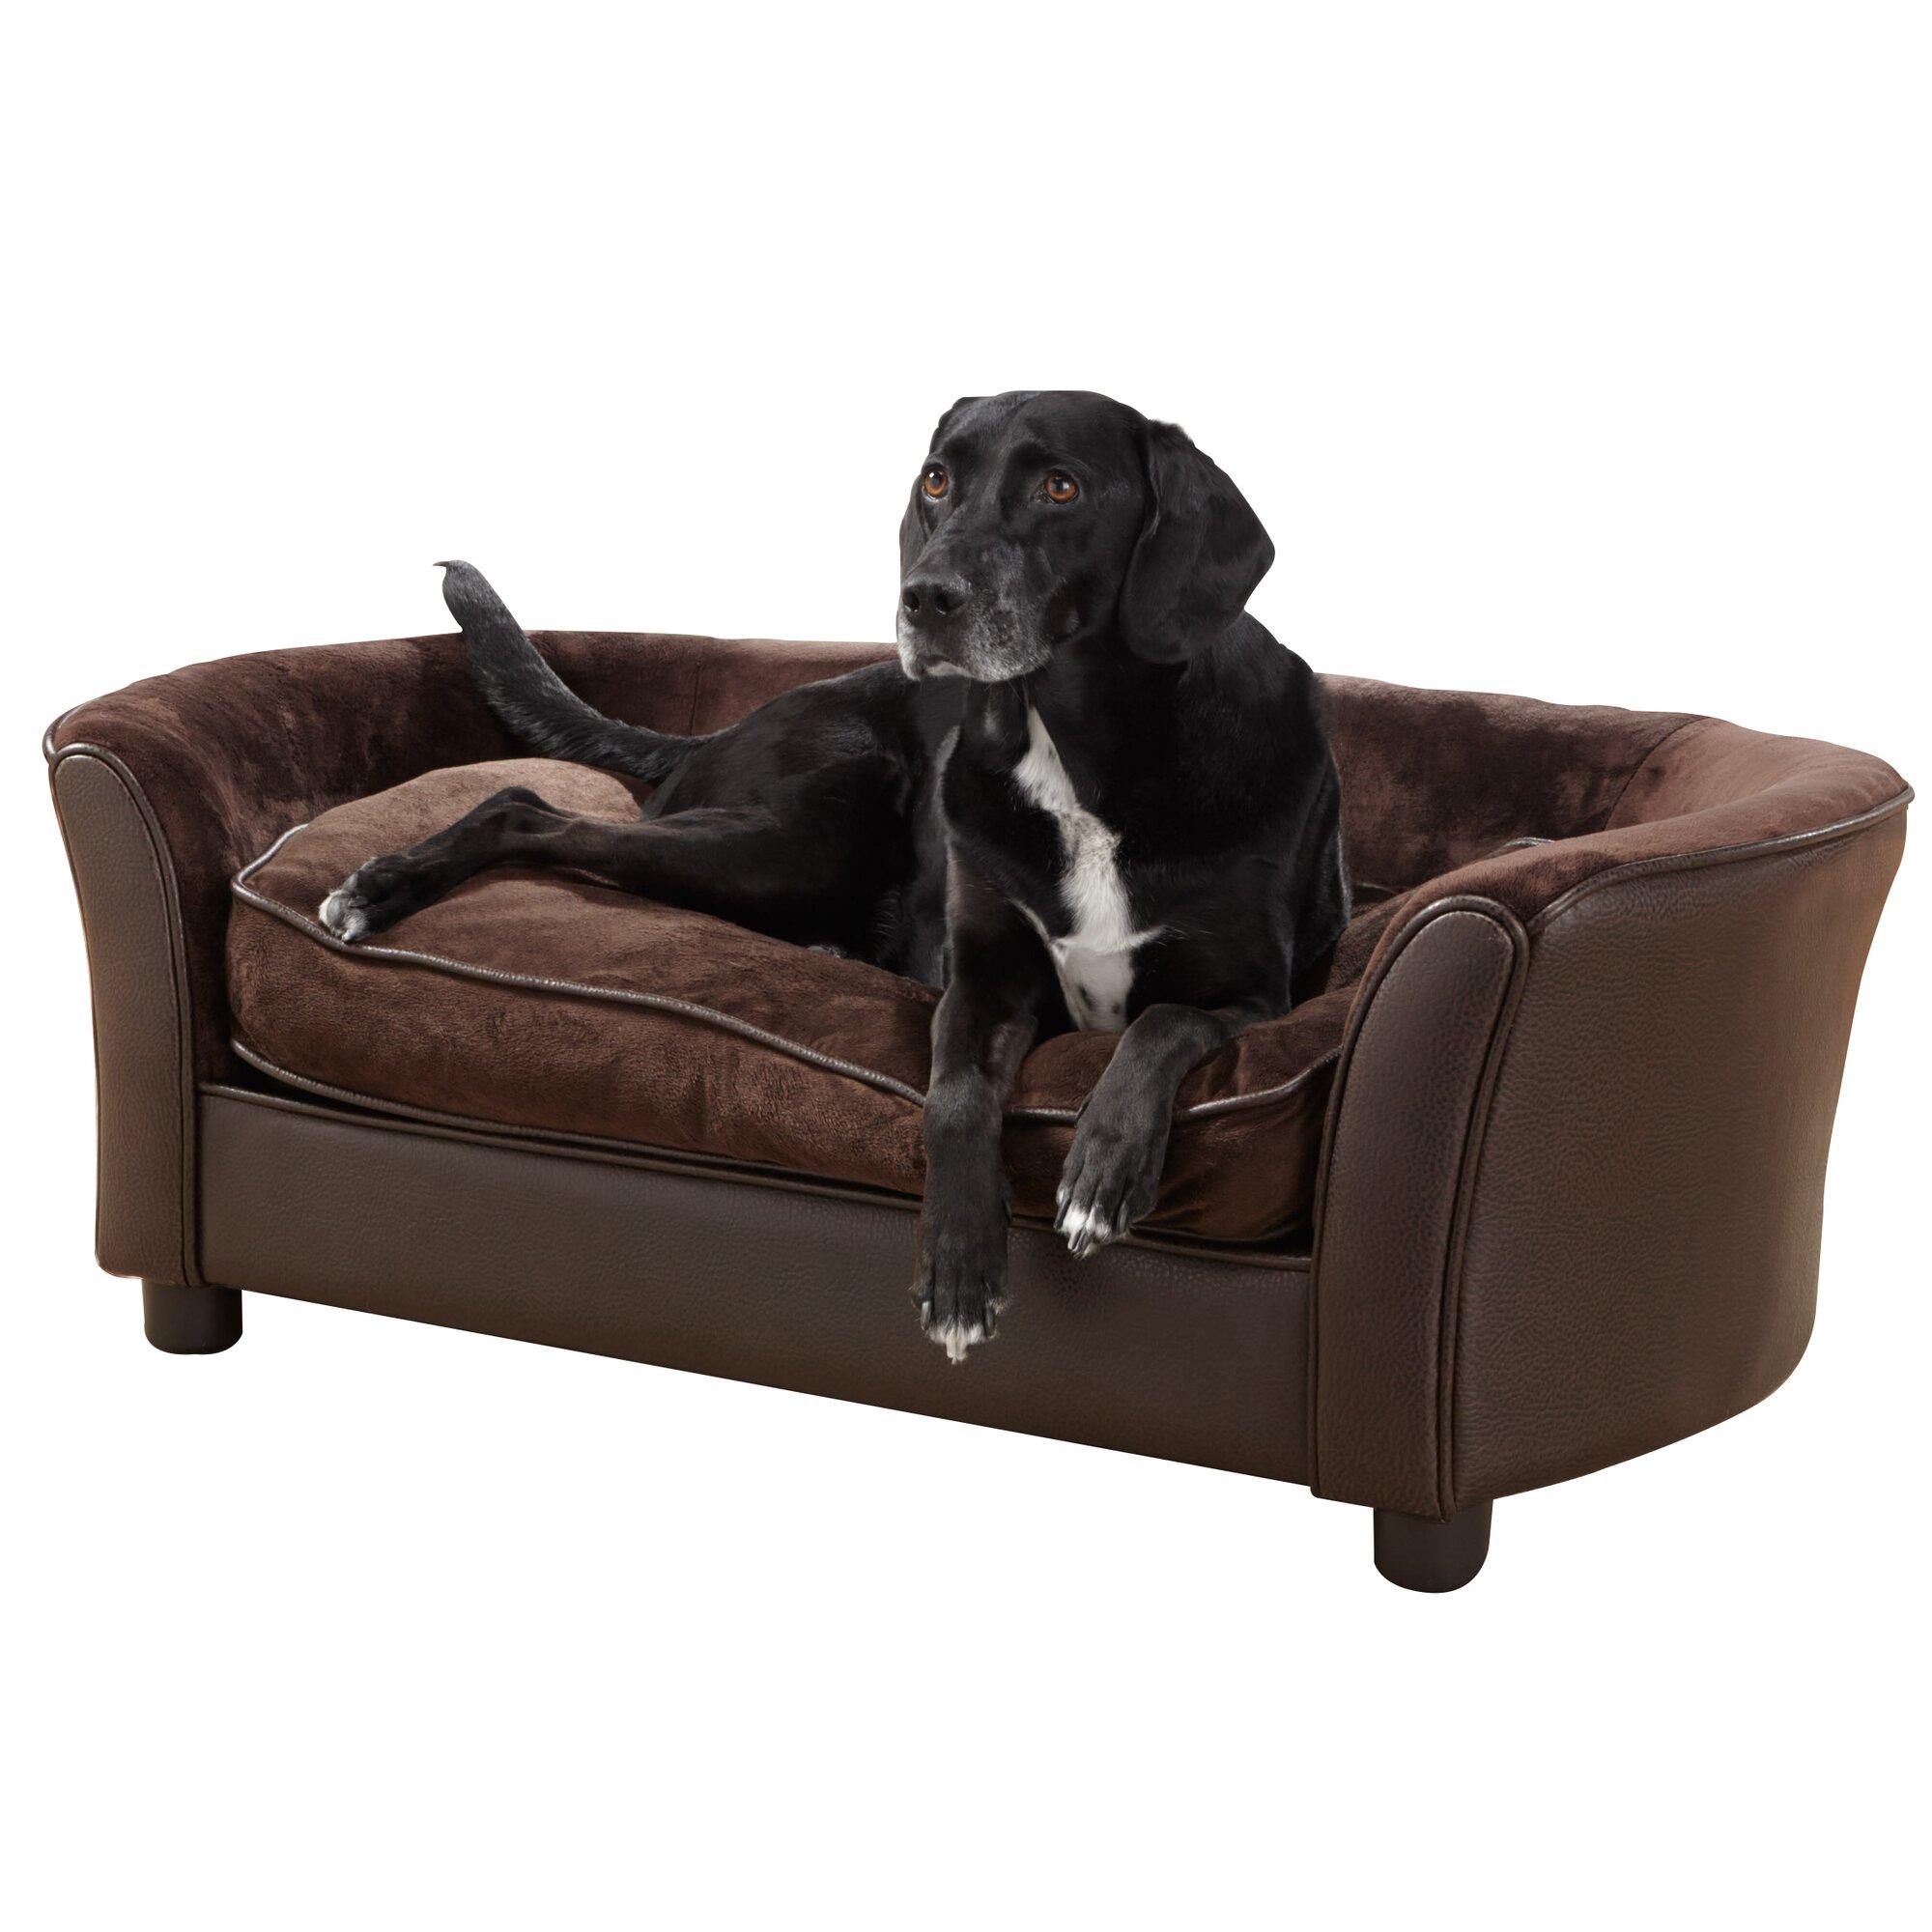 Enchanted Home Pet Panache Dog Sofa Amp Reviews Wayfair